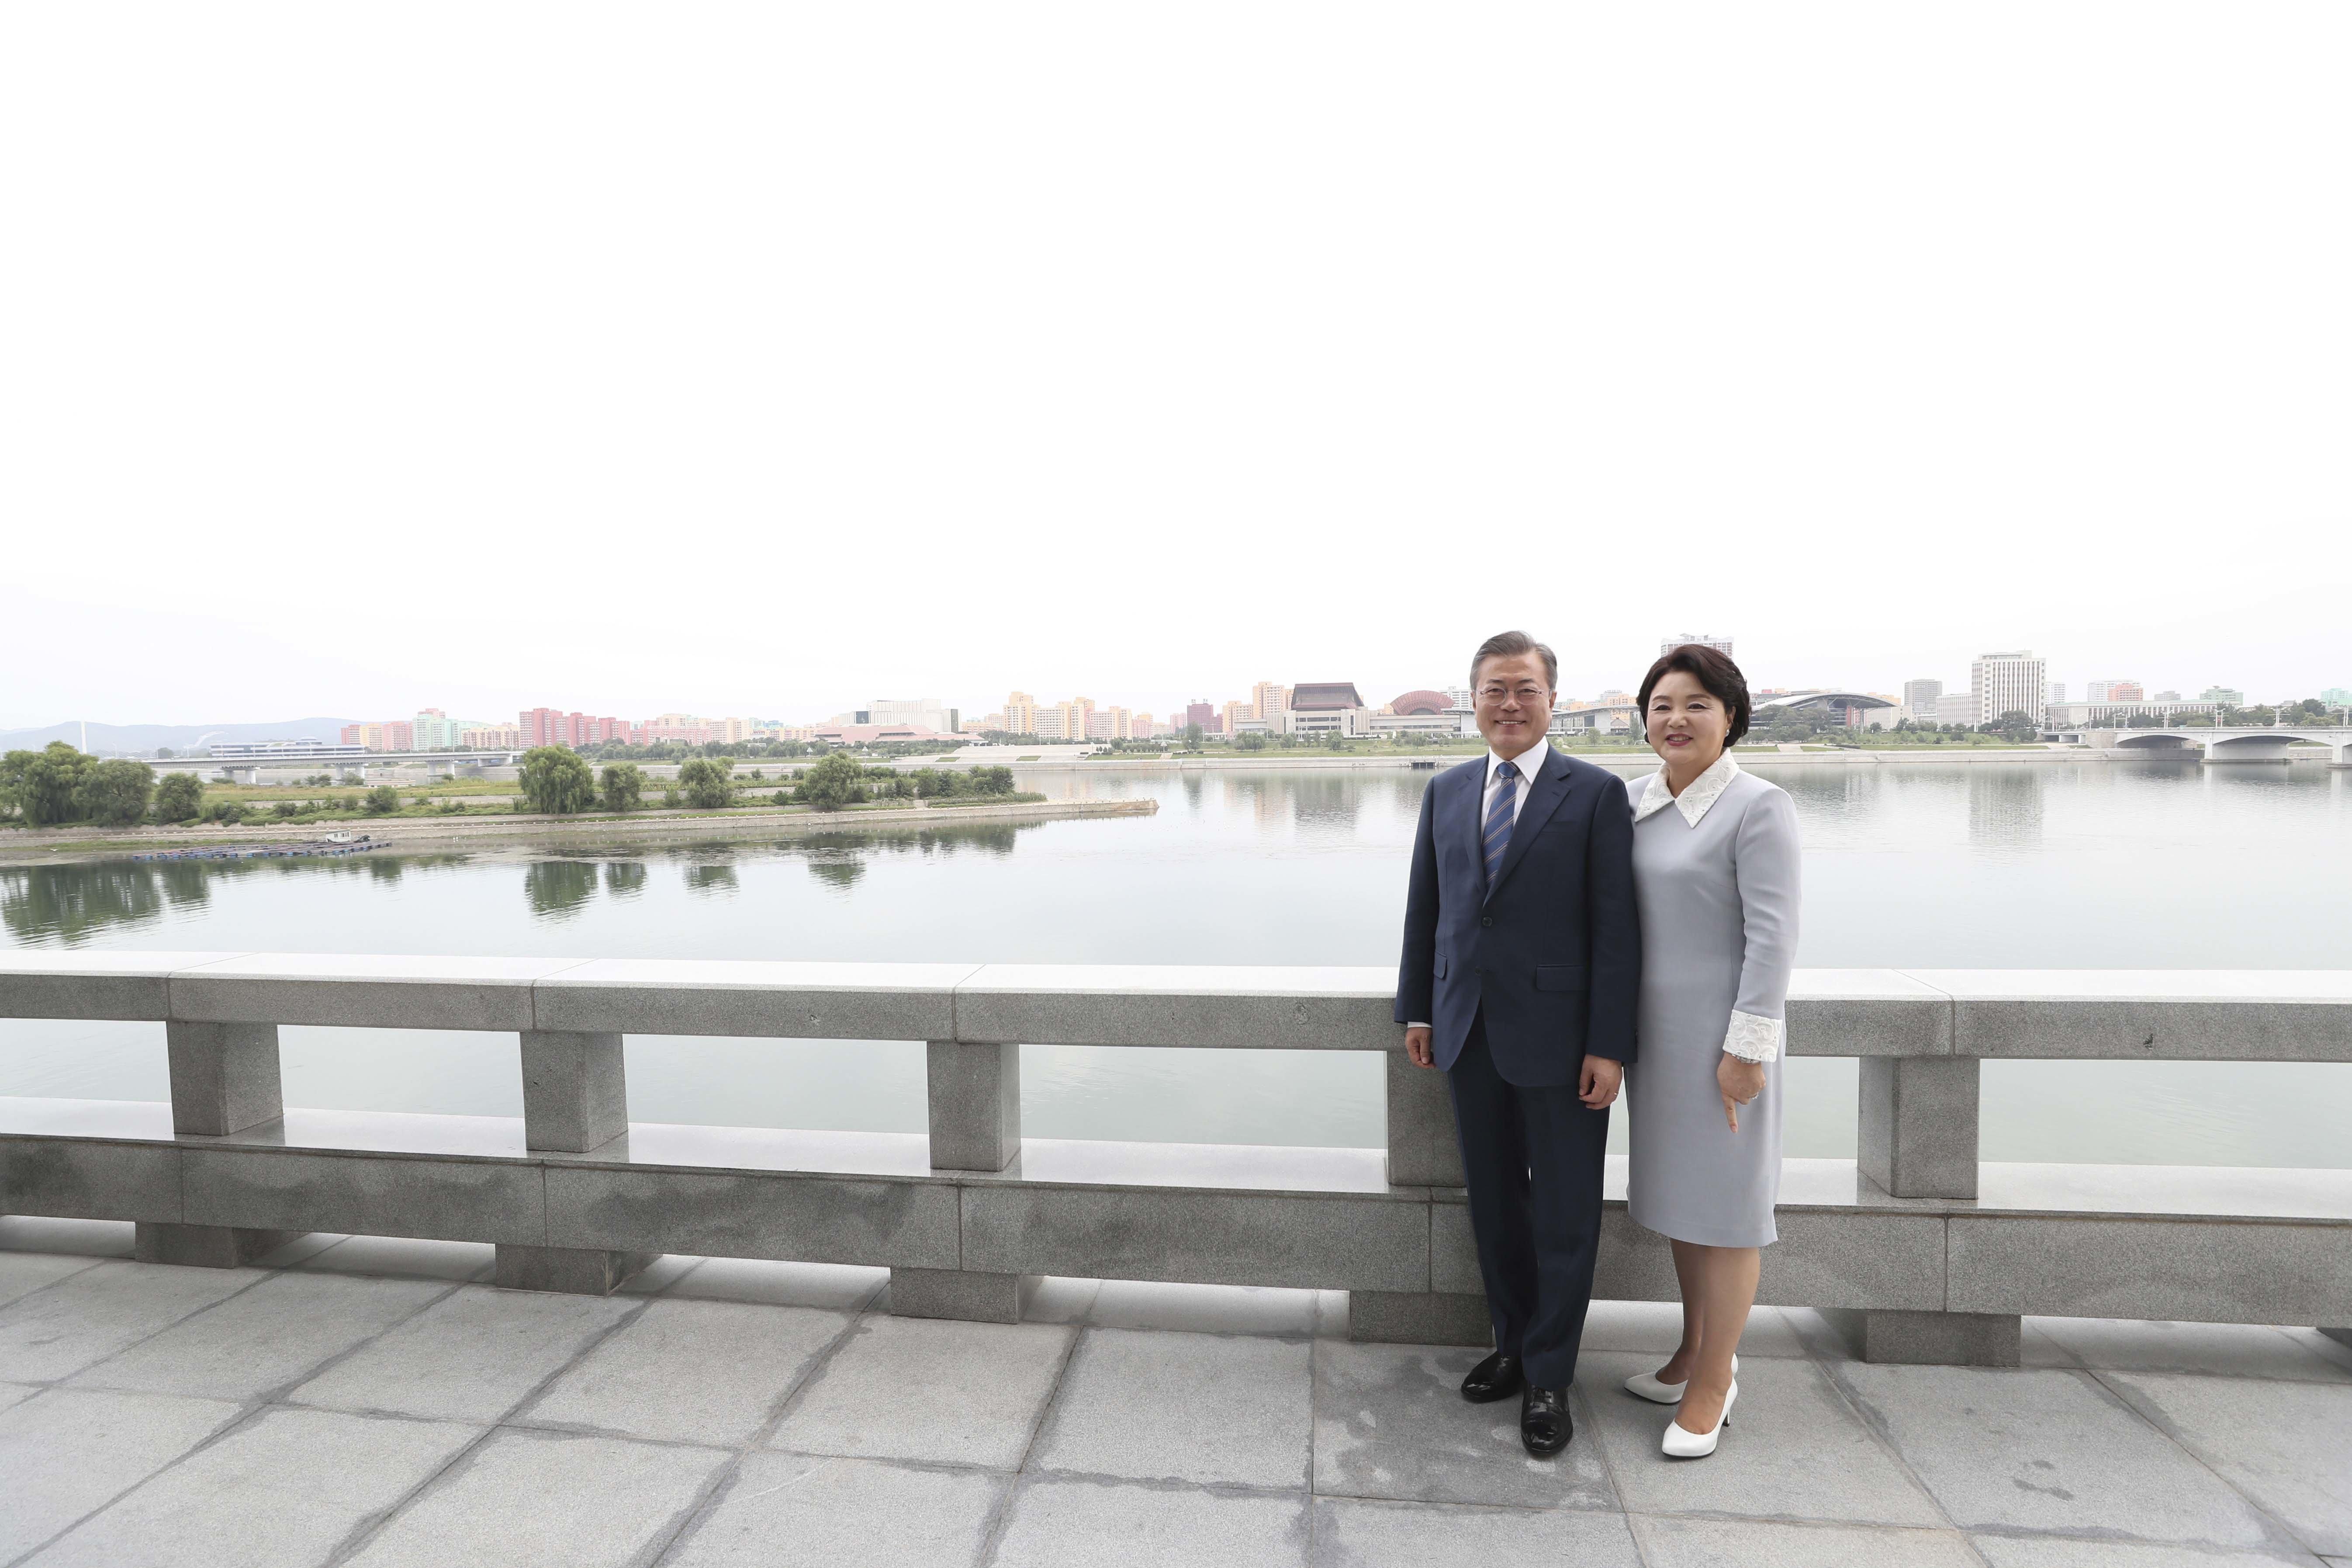 """대동강 앞에 선 김정숙 여사가 """"남사스럽다""""며 자리를 피한"""